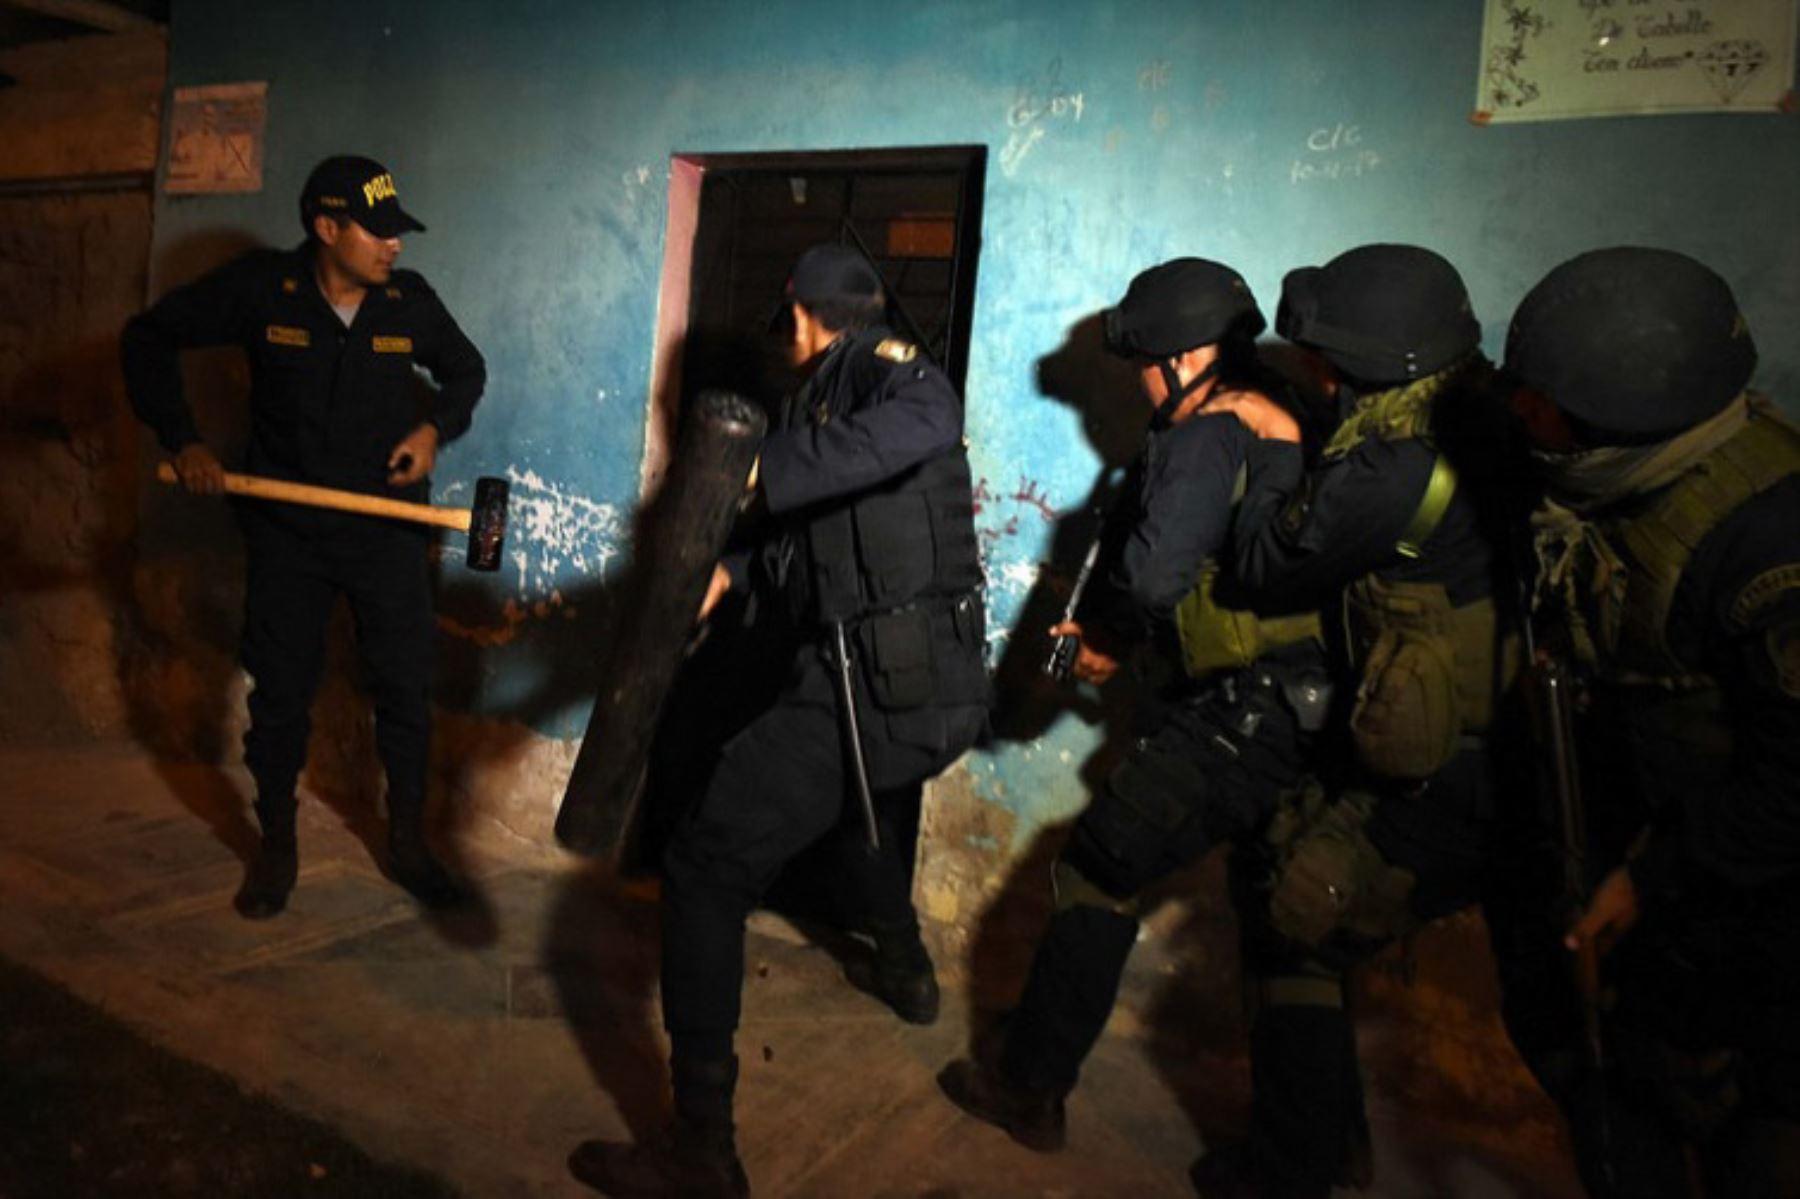 Capturan a 18 presuntos miembros de banda criminal dedicada al tráfico de terrenos en Mala, Cañete. ANDINA/Difusión